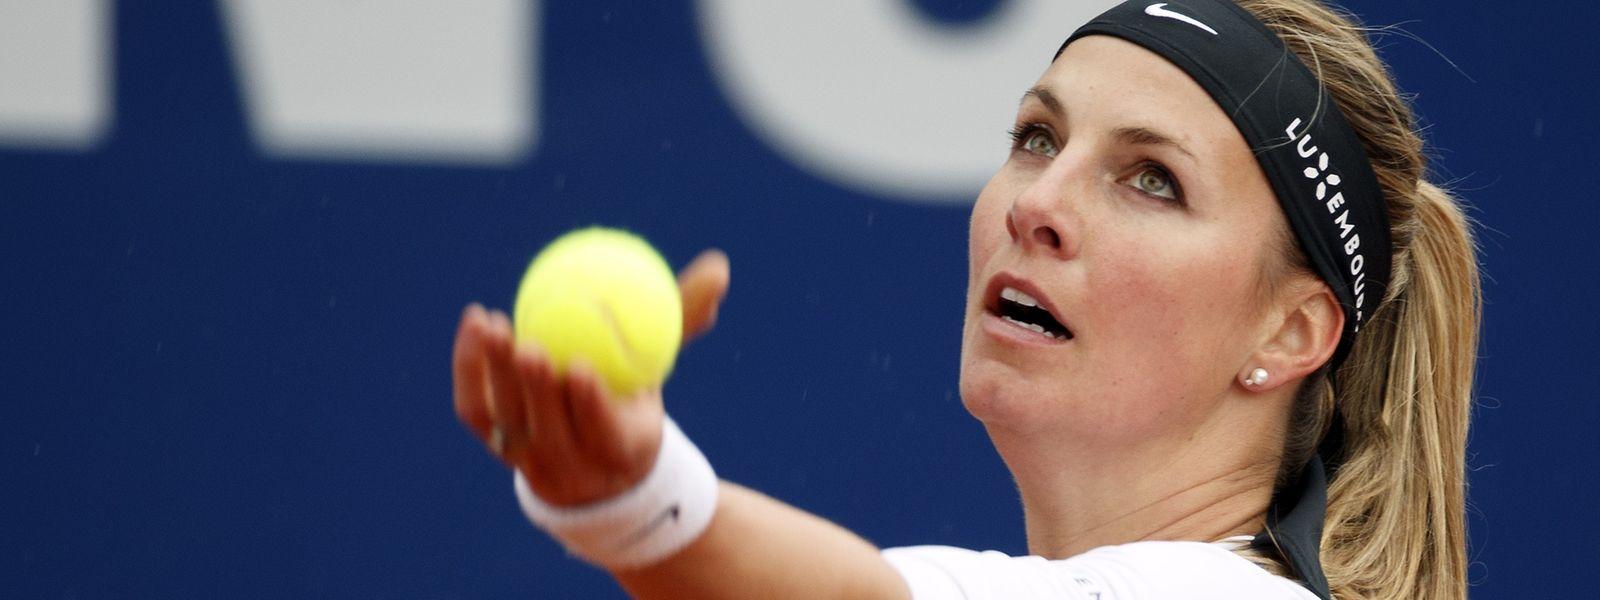 Mandy Minella spielt bislang eine starke Saison.